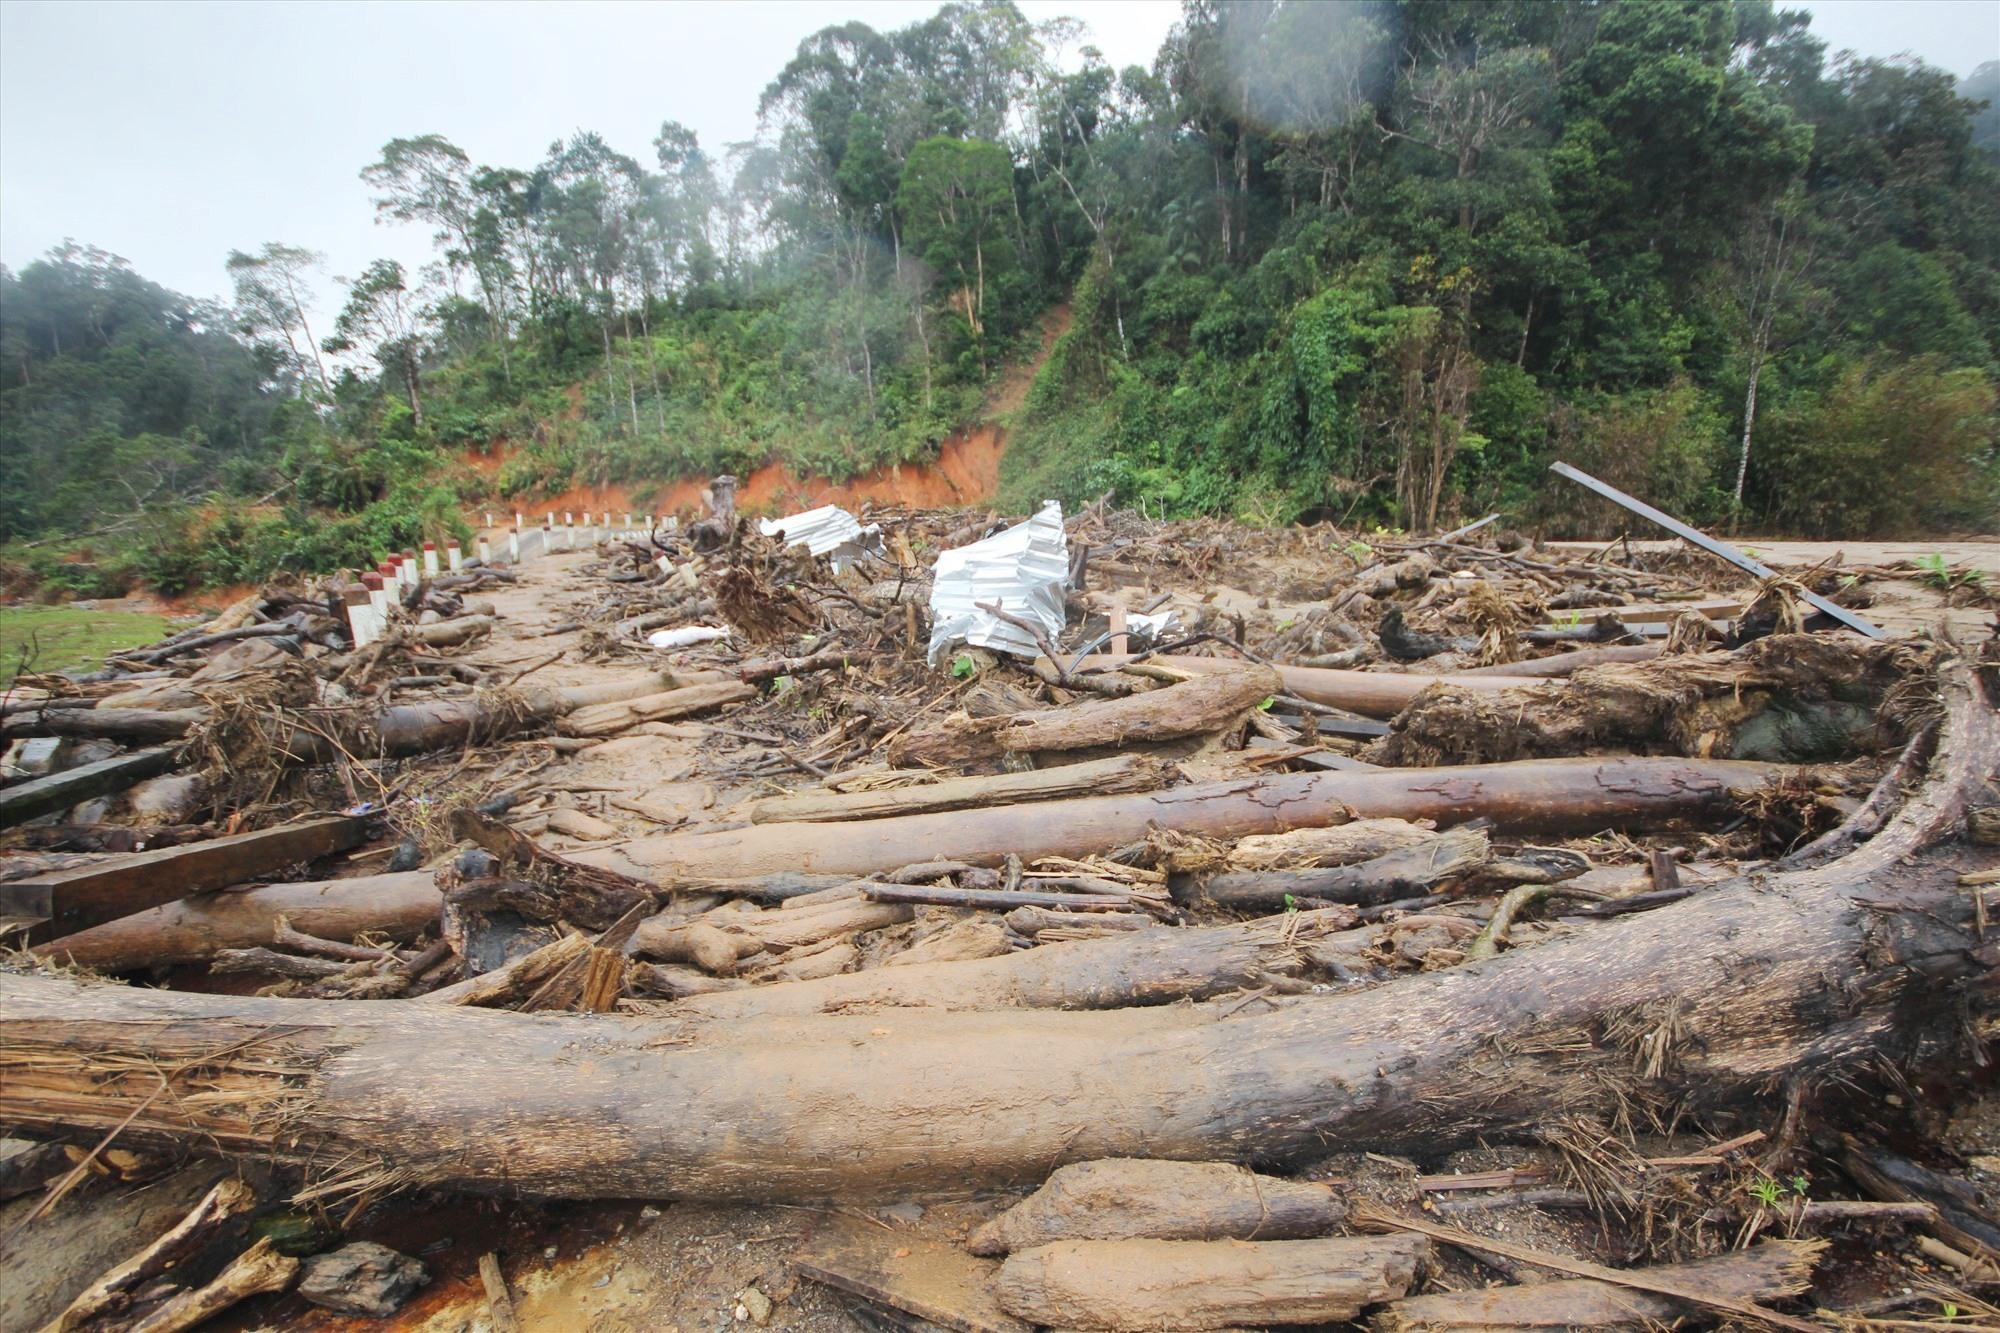 Việc tìm kiếm người mất tích đang phải tạm dừng do lượng cây cối, đất đá quá lớn. Ảnh: T.C